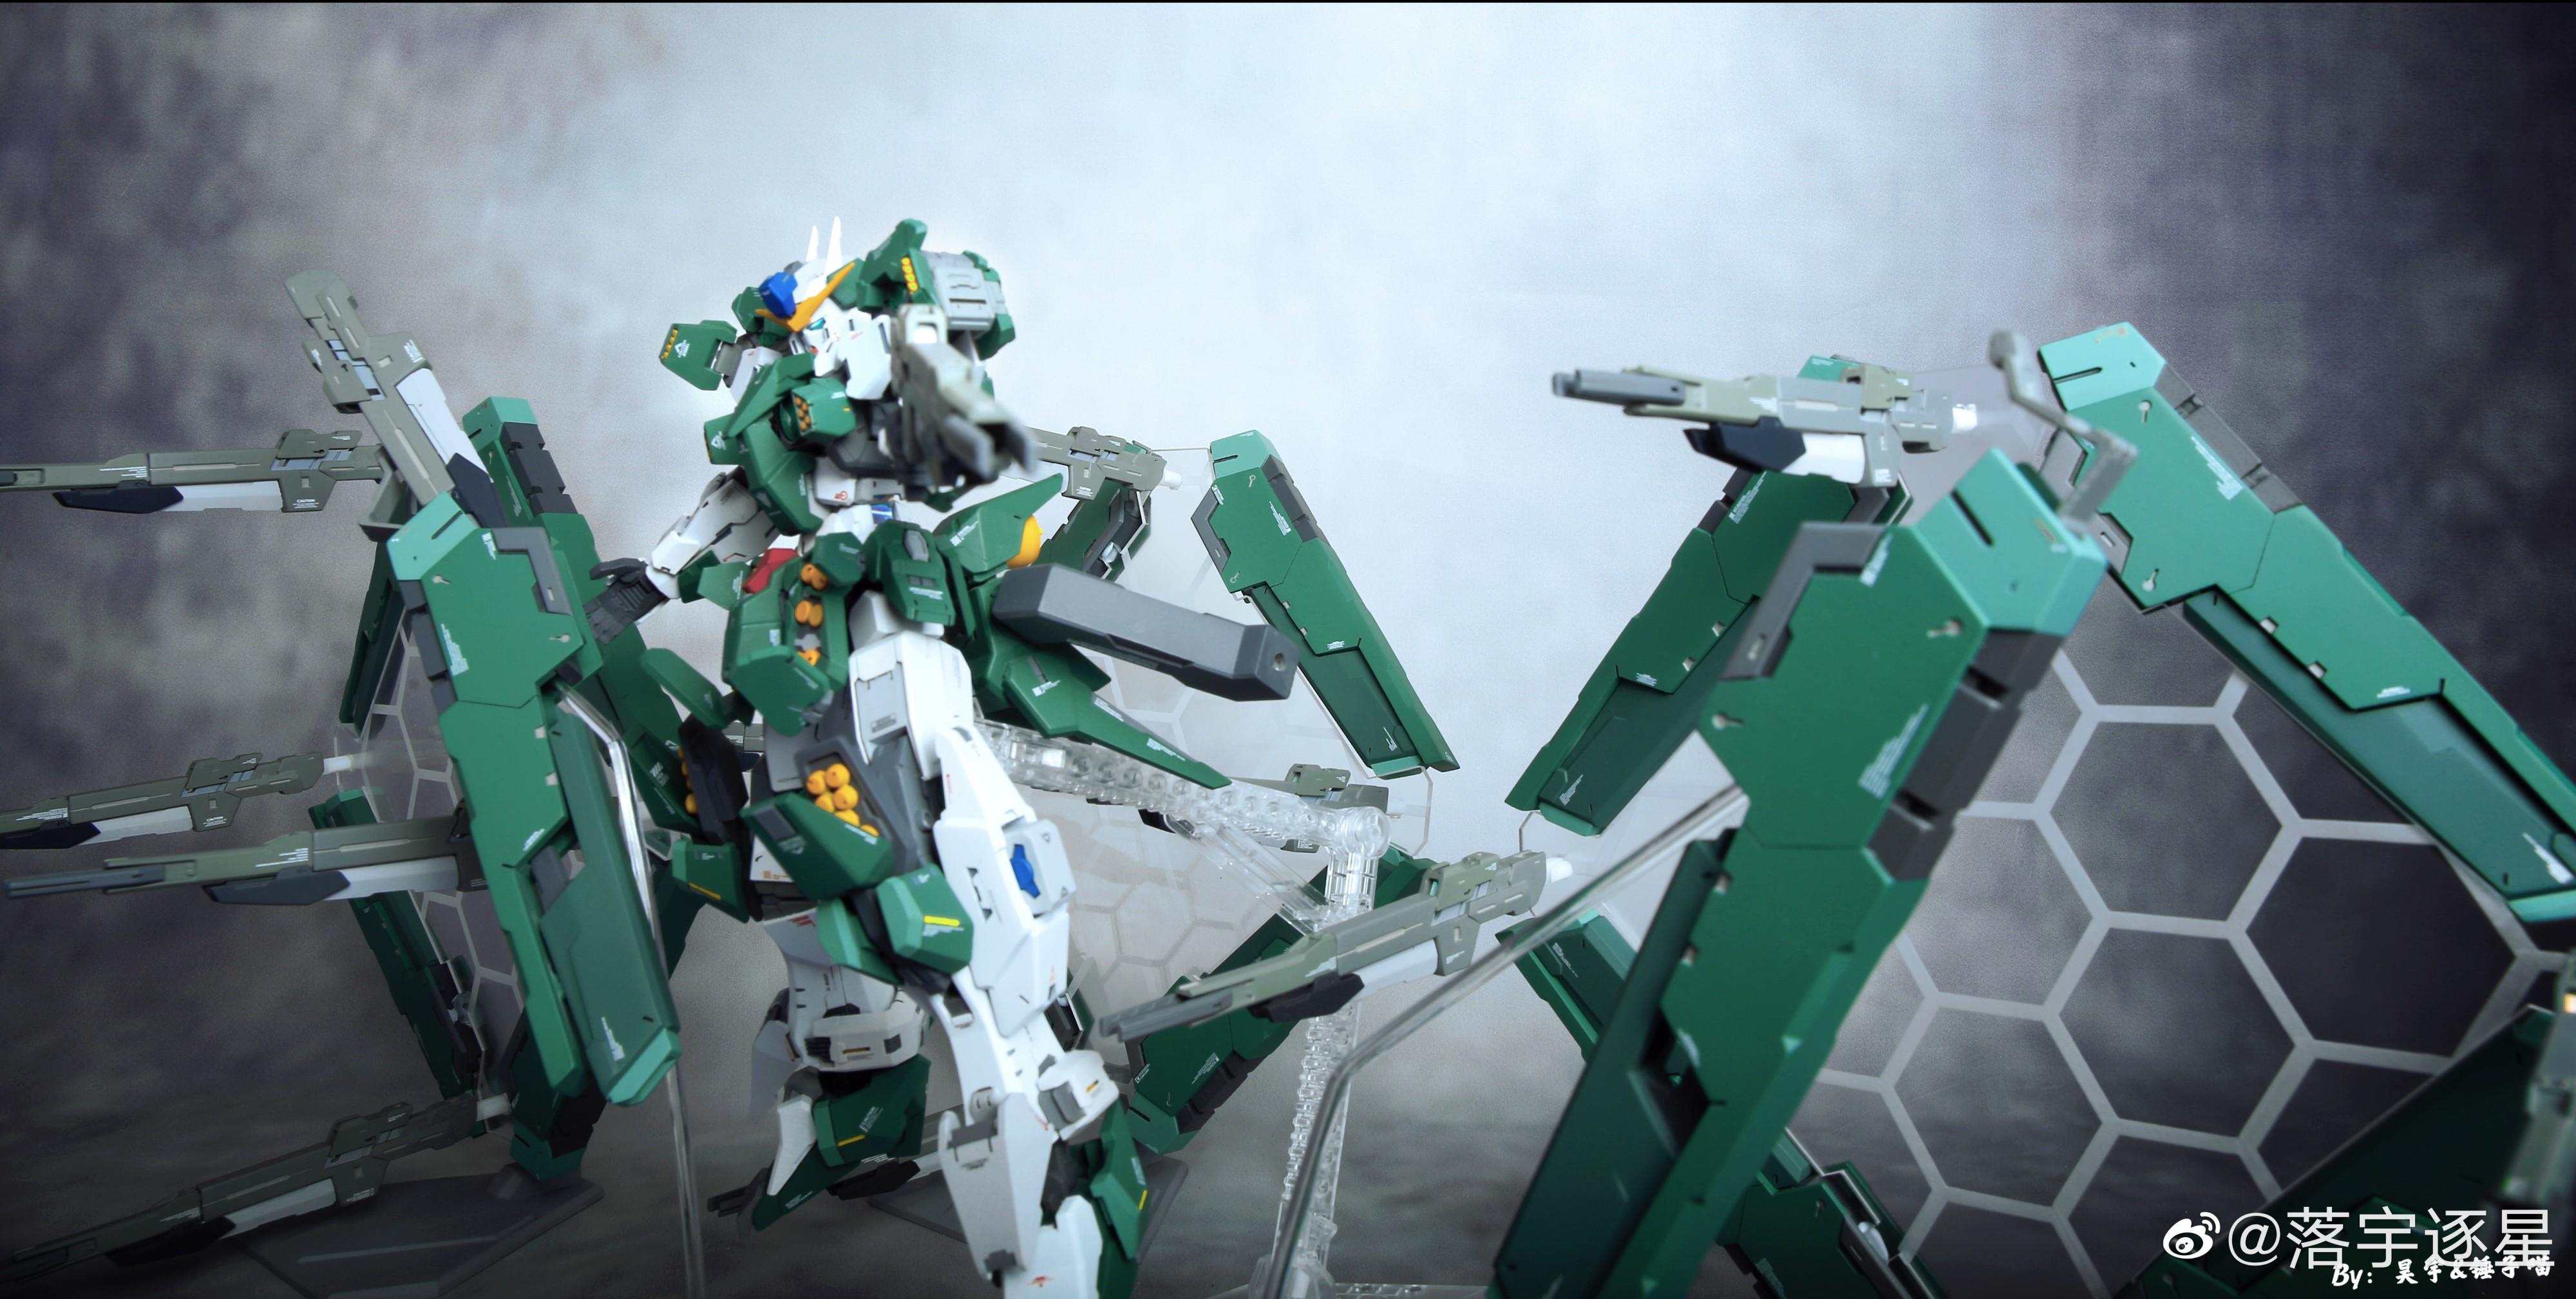 G652_3_GN_010_OO_Gundam_Zabanya_013.jpg